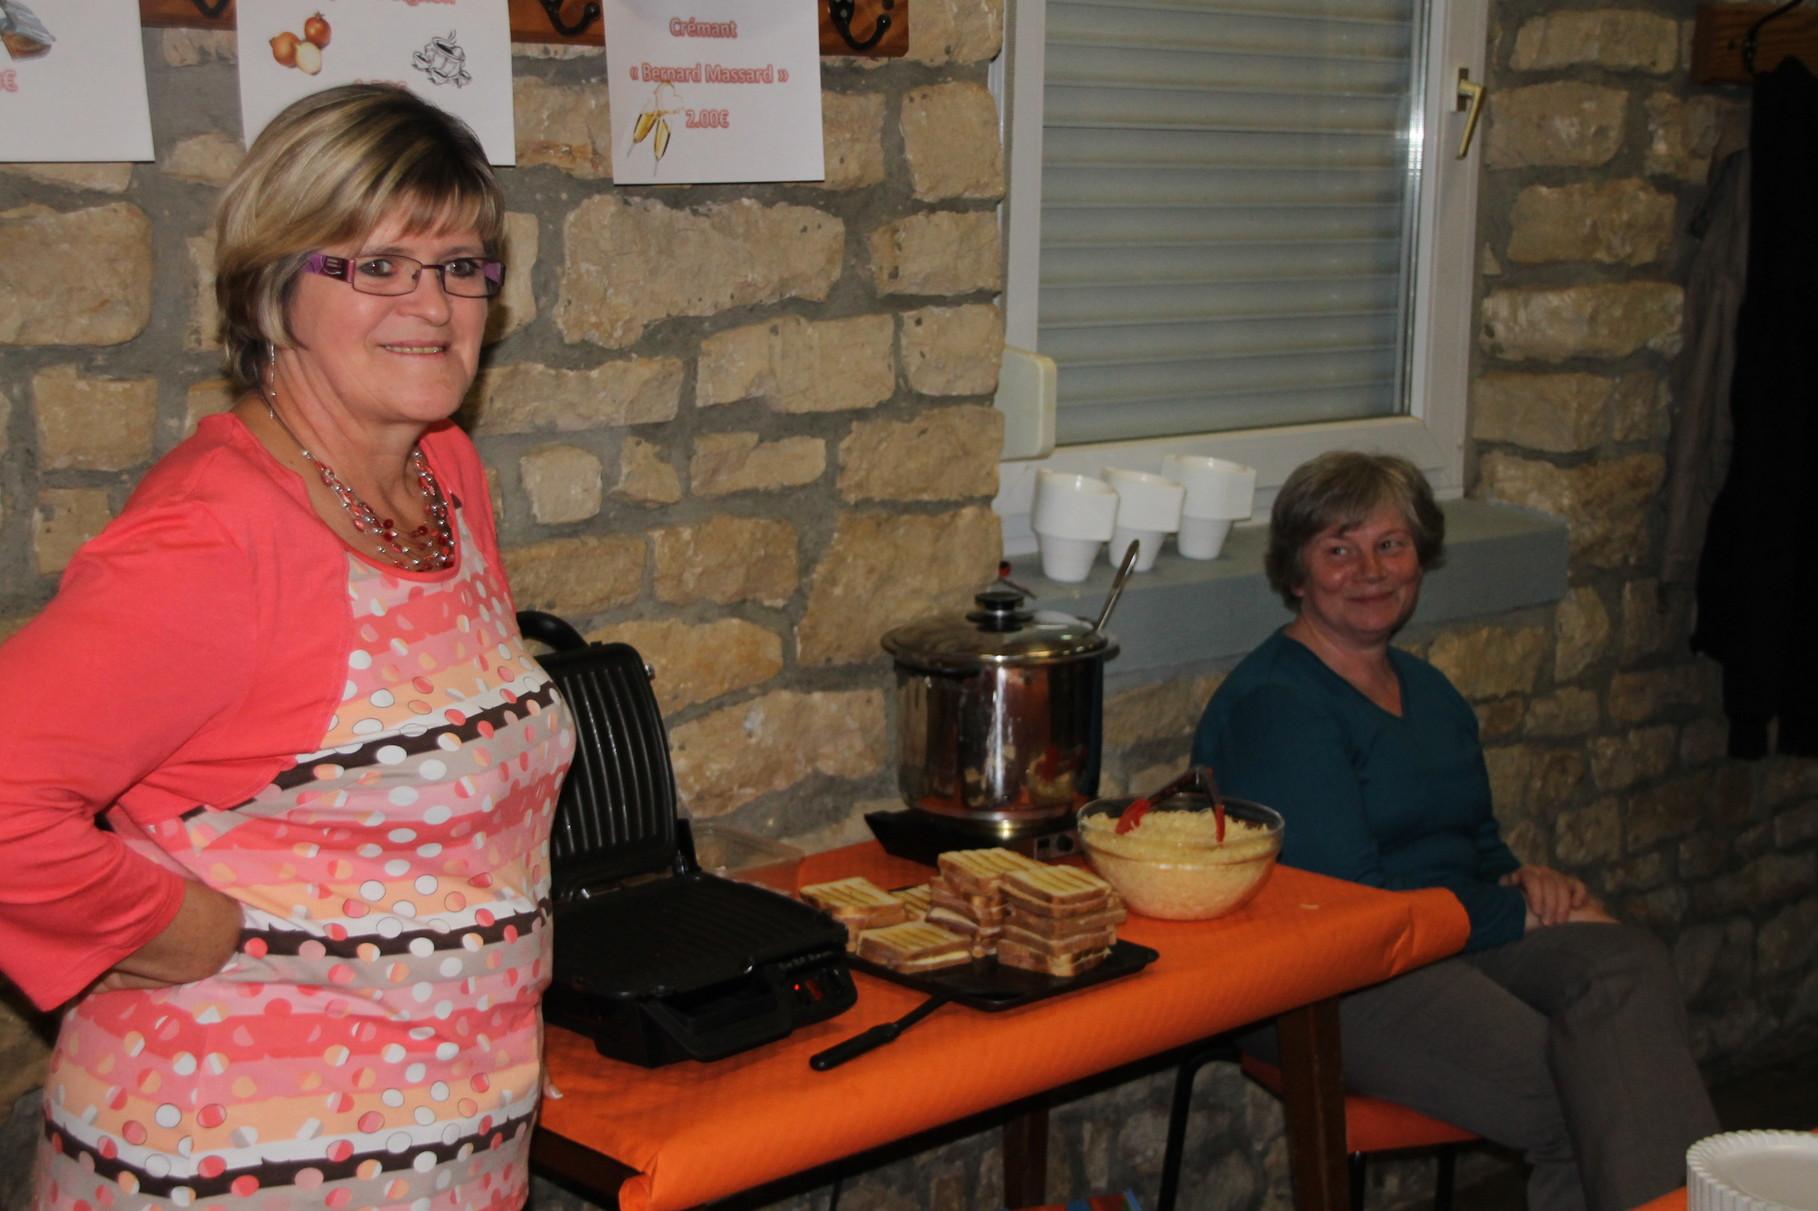 Ginette et Marleen au stand Croque-Monsieur et Soupe à l'Oignon